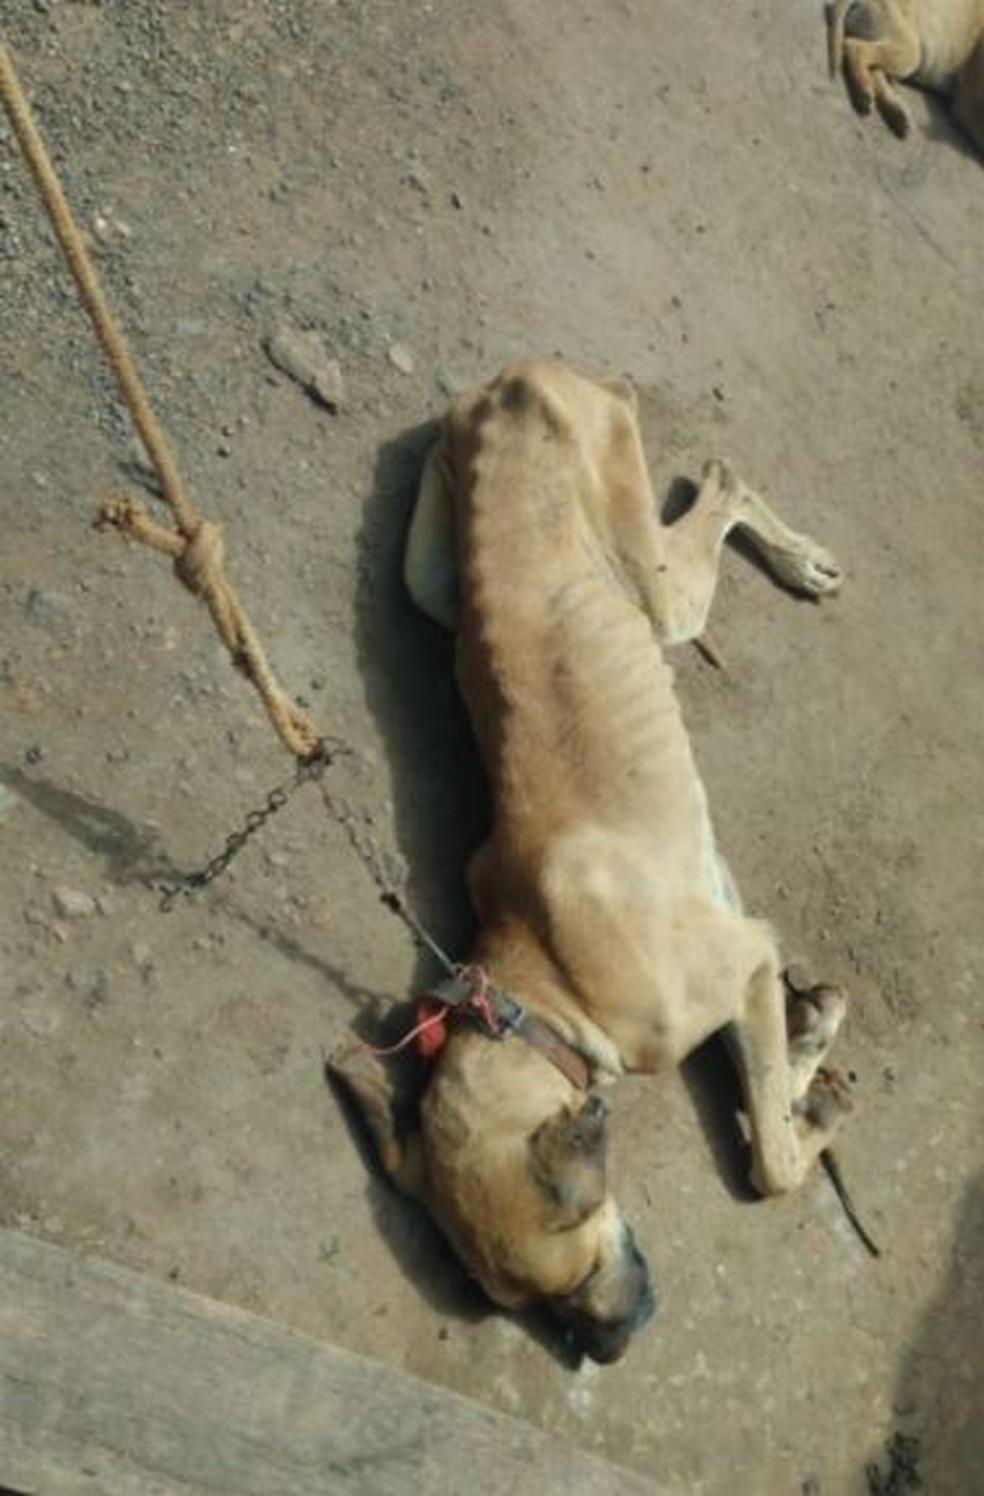 Cachorro tinha mau cheiro — Foto: Polícia Civil/Divulgação